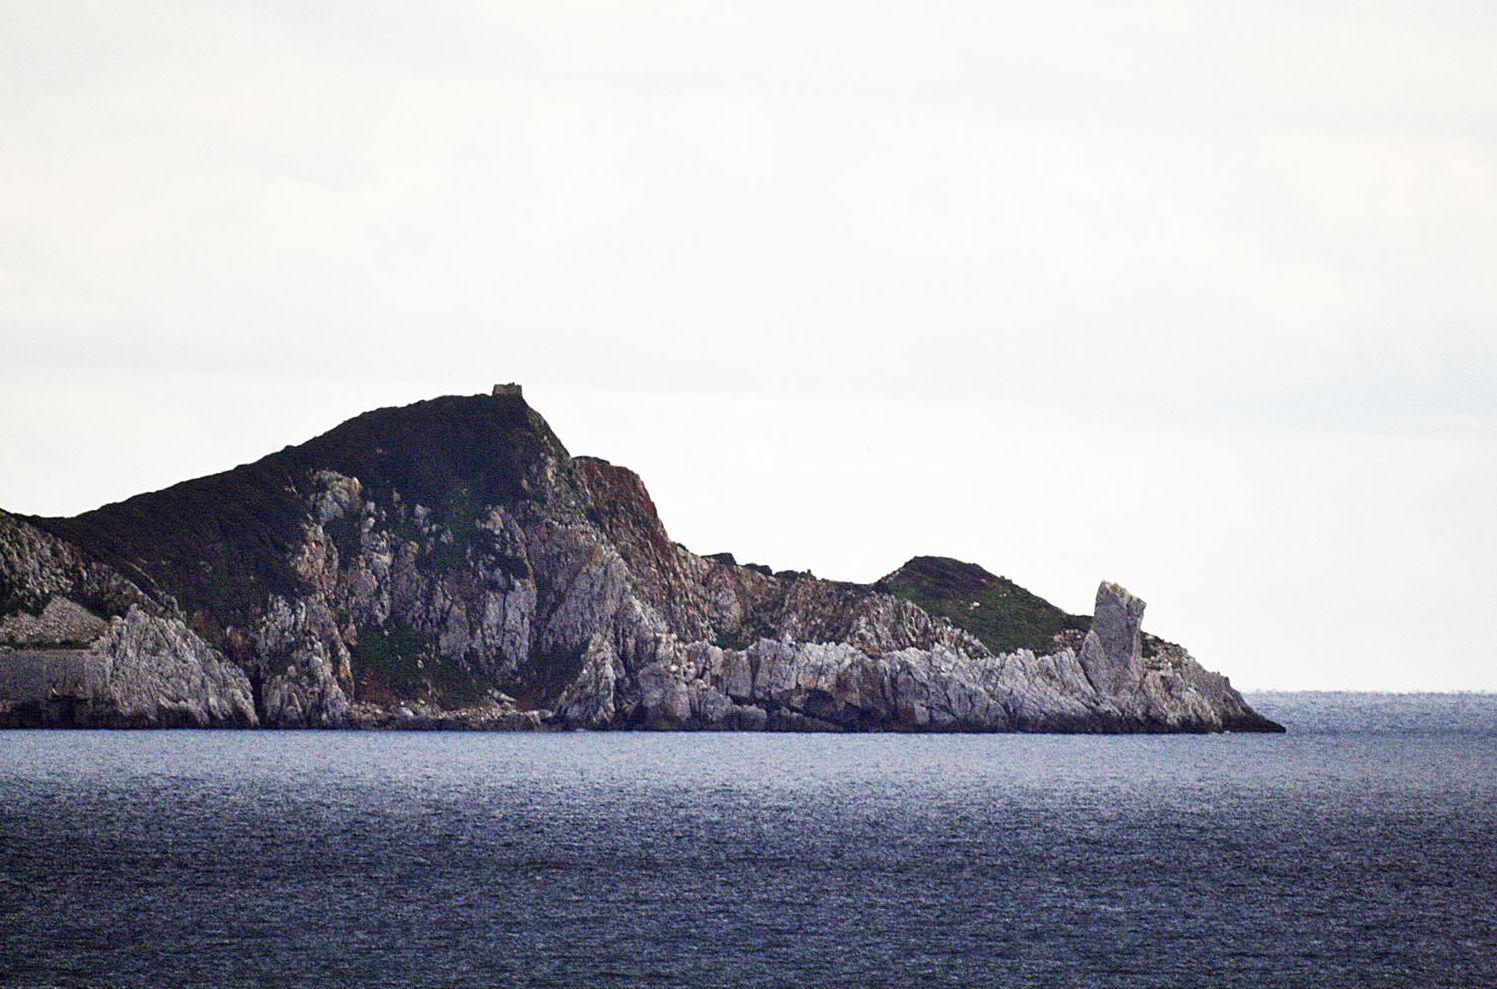 Cerboli, piccola isola nel canale di Piombino (mar Tirreno). Particolare dell'estremità occidentale.